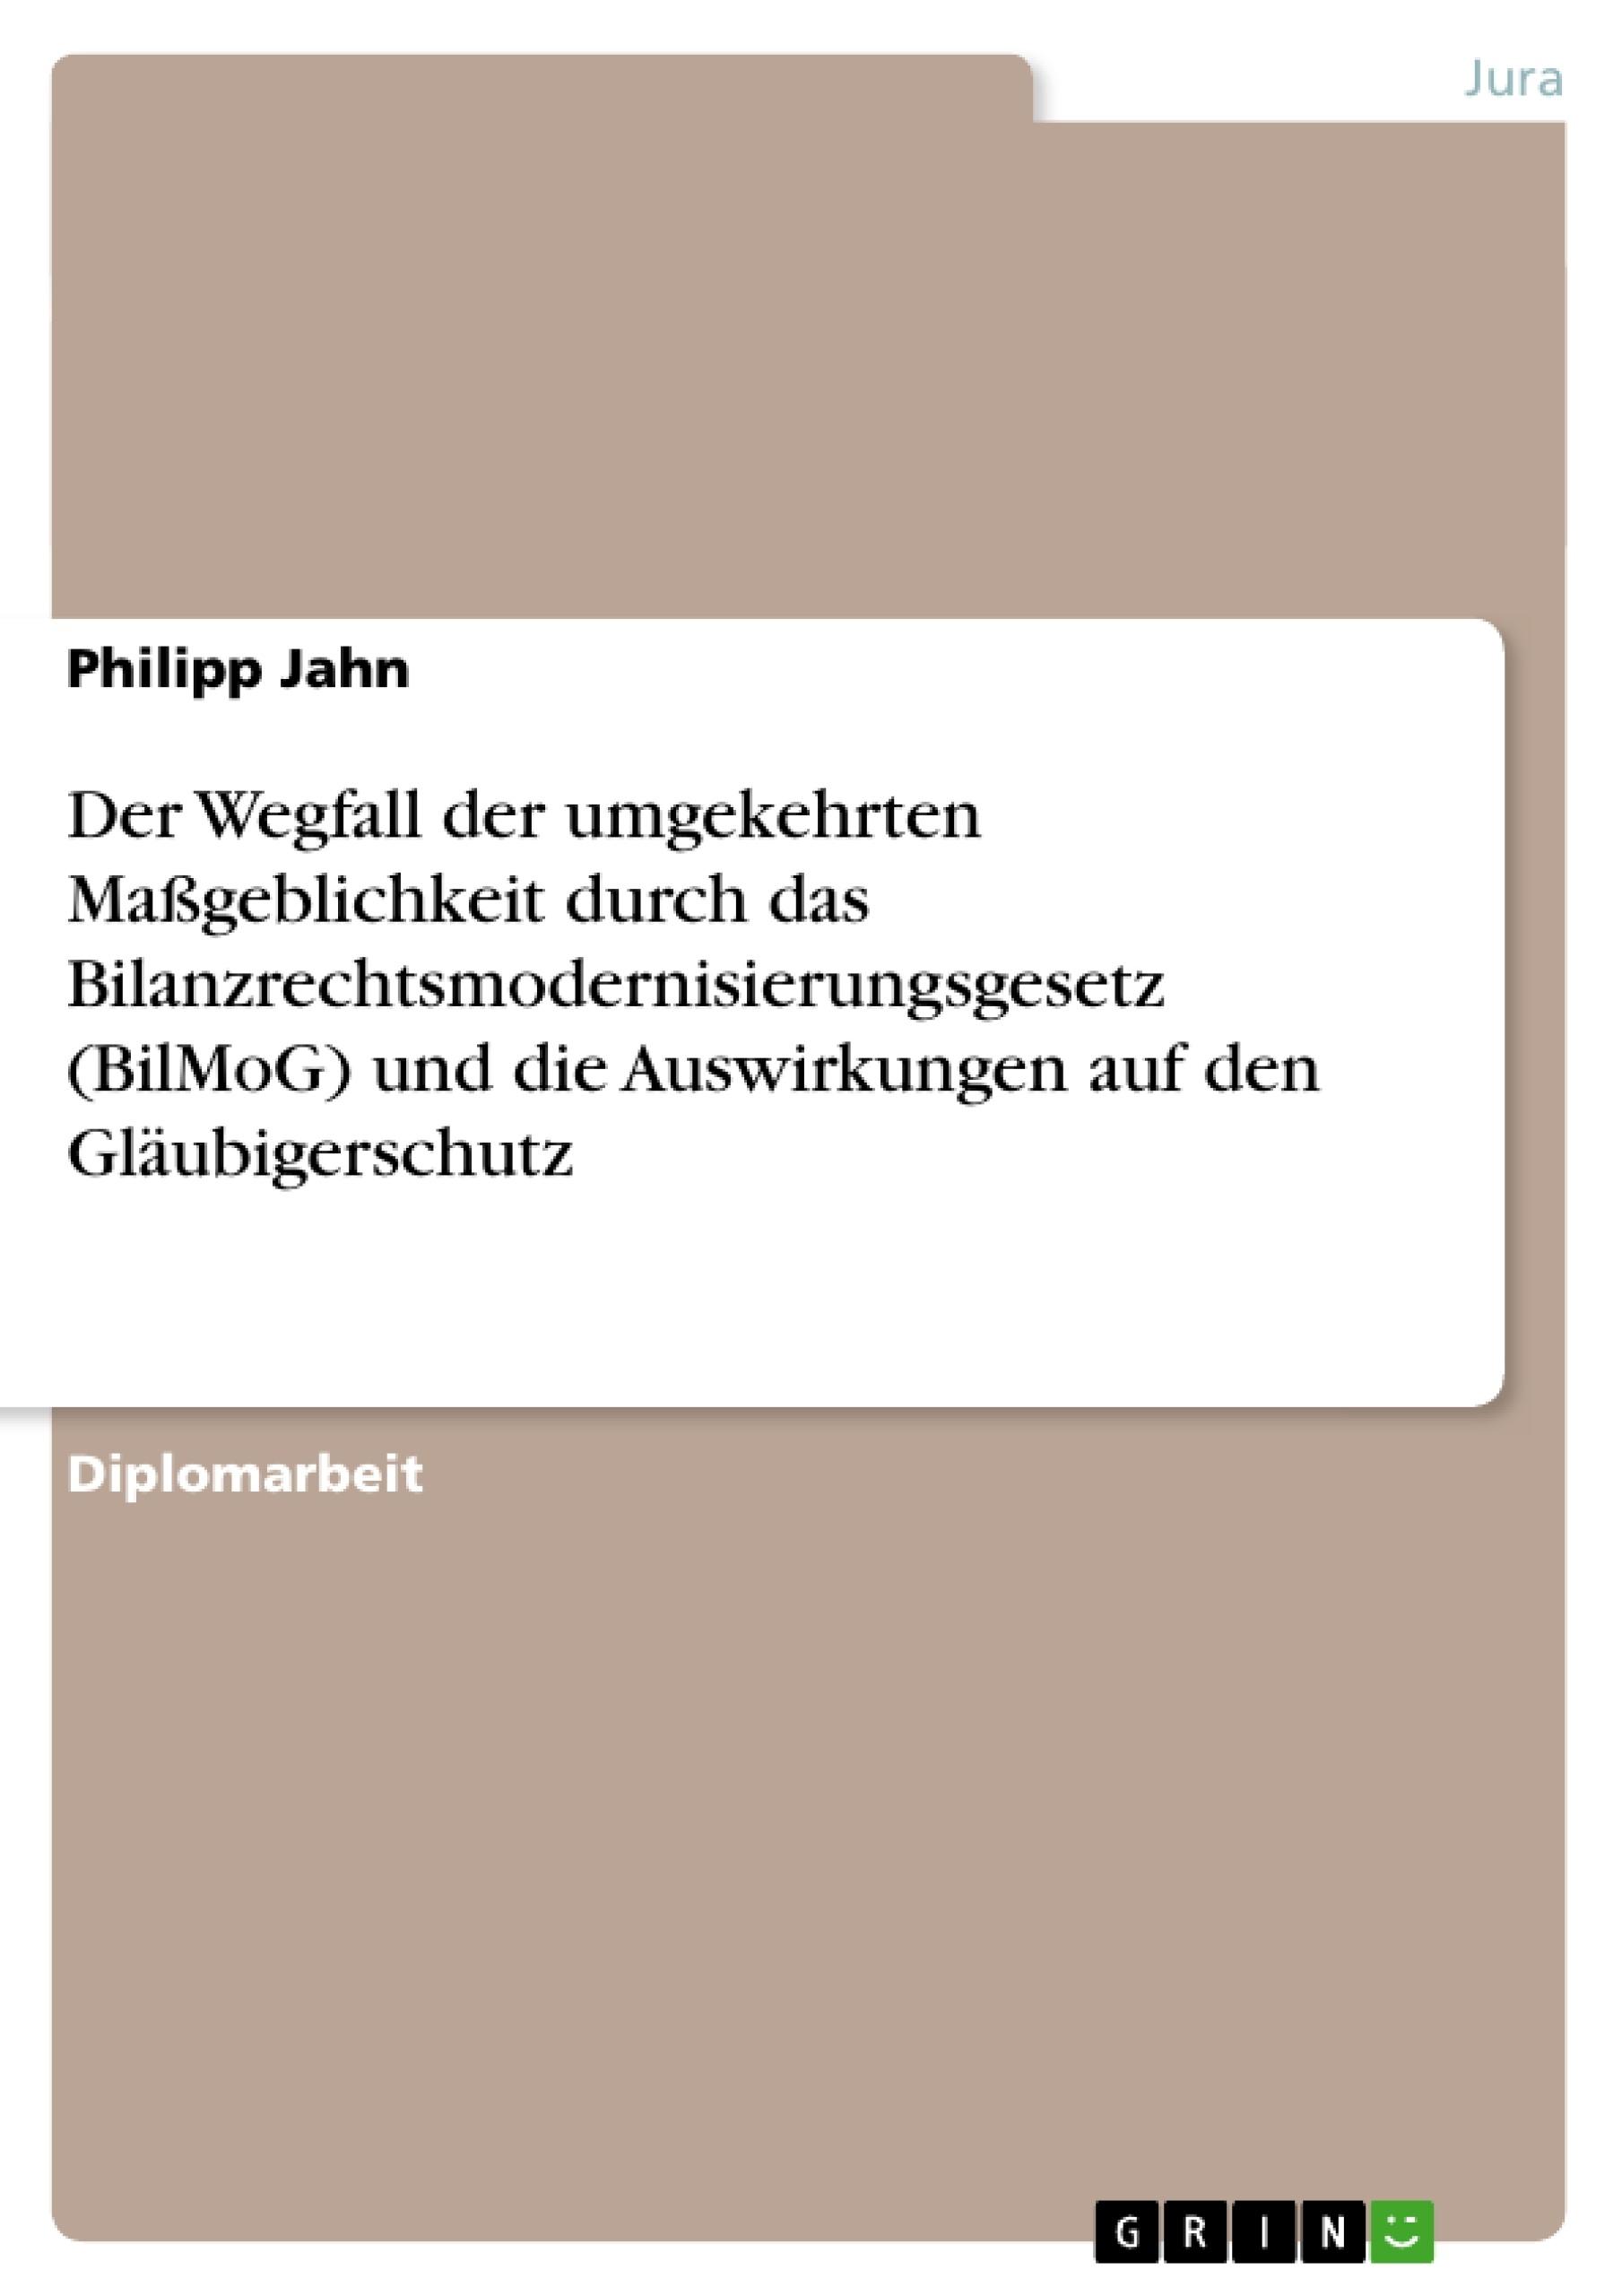 Titel: Der Wegfall der umgekehrten Maßgeblichkeit durch das Bilanzrechtsmodernisierungsgesetz (BilMoG) und die Auswirkungen auf den Gläubigerschutz